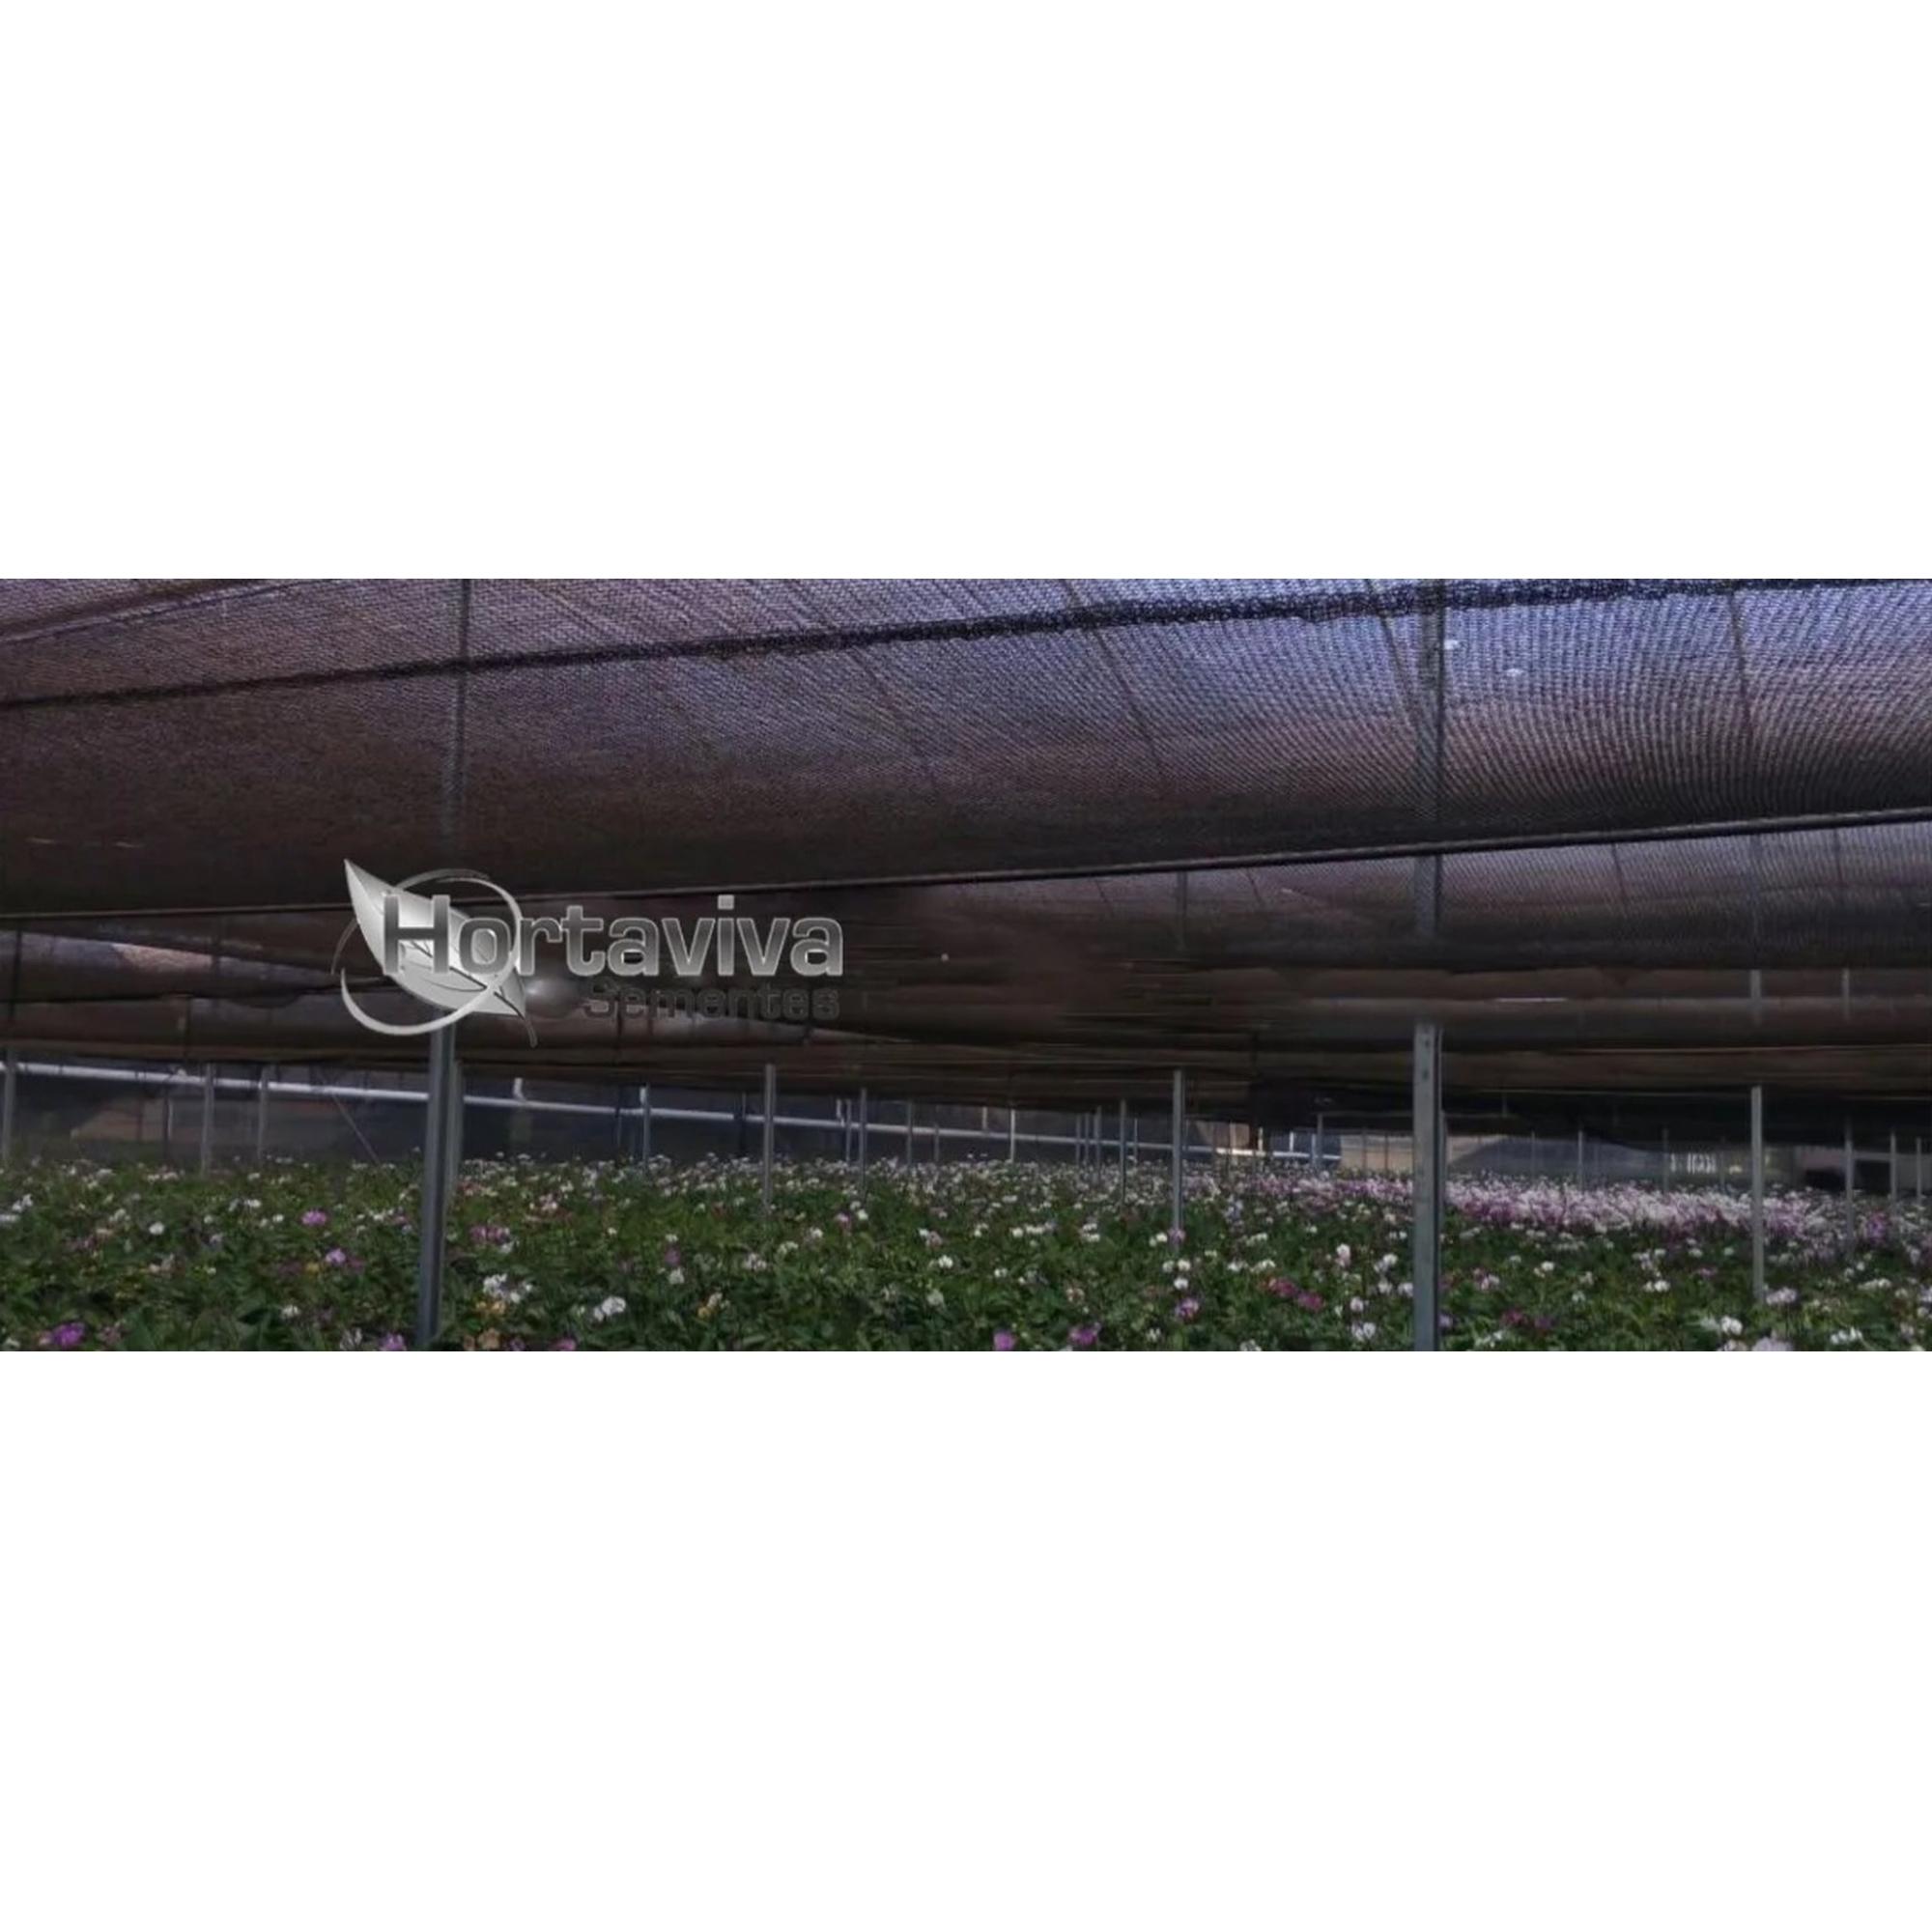 Tela de Sombreamento Preta 50% - 15 Metros x 15 Metros